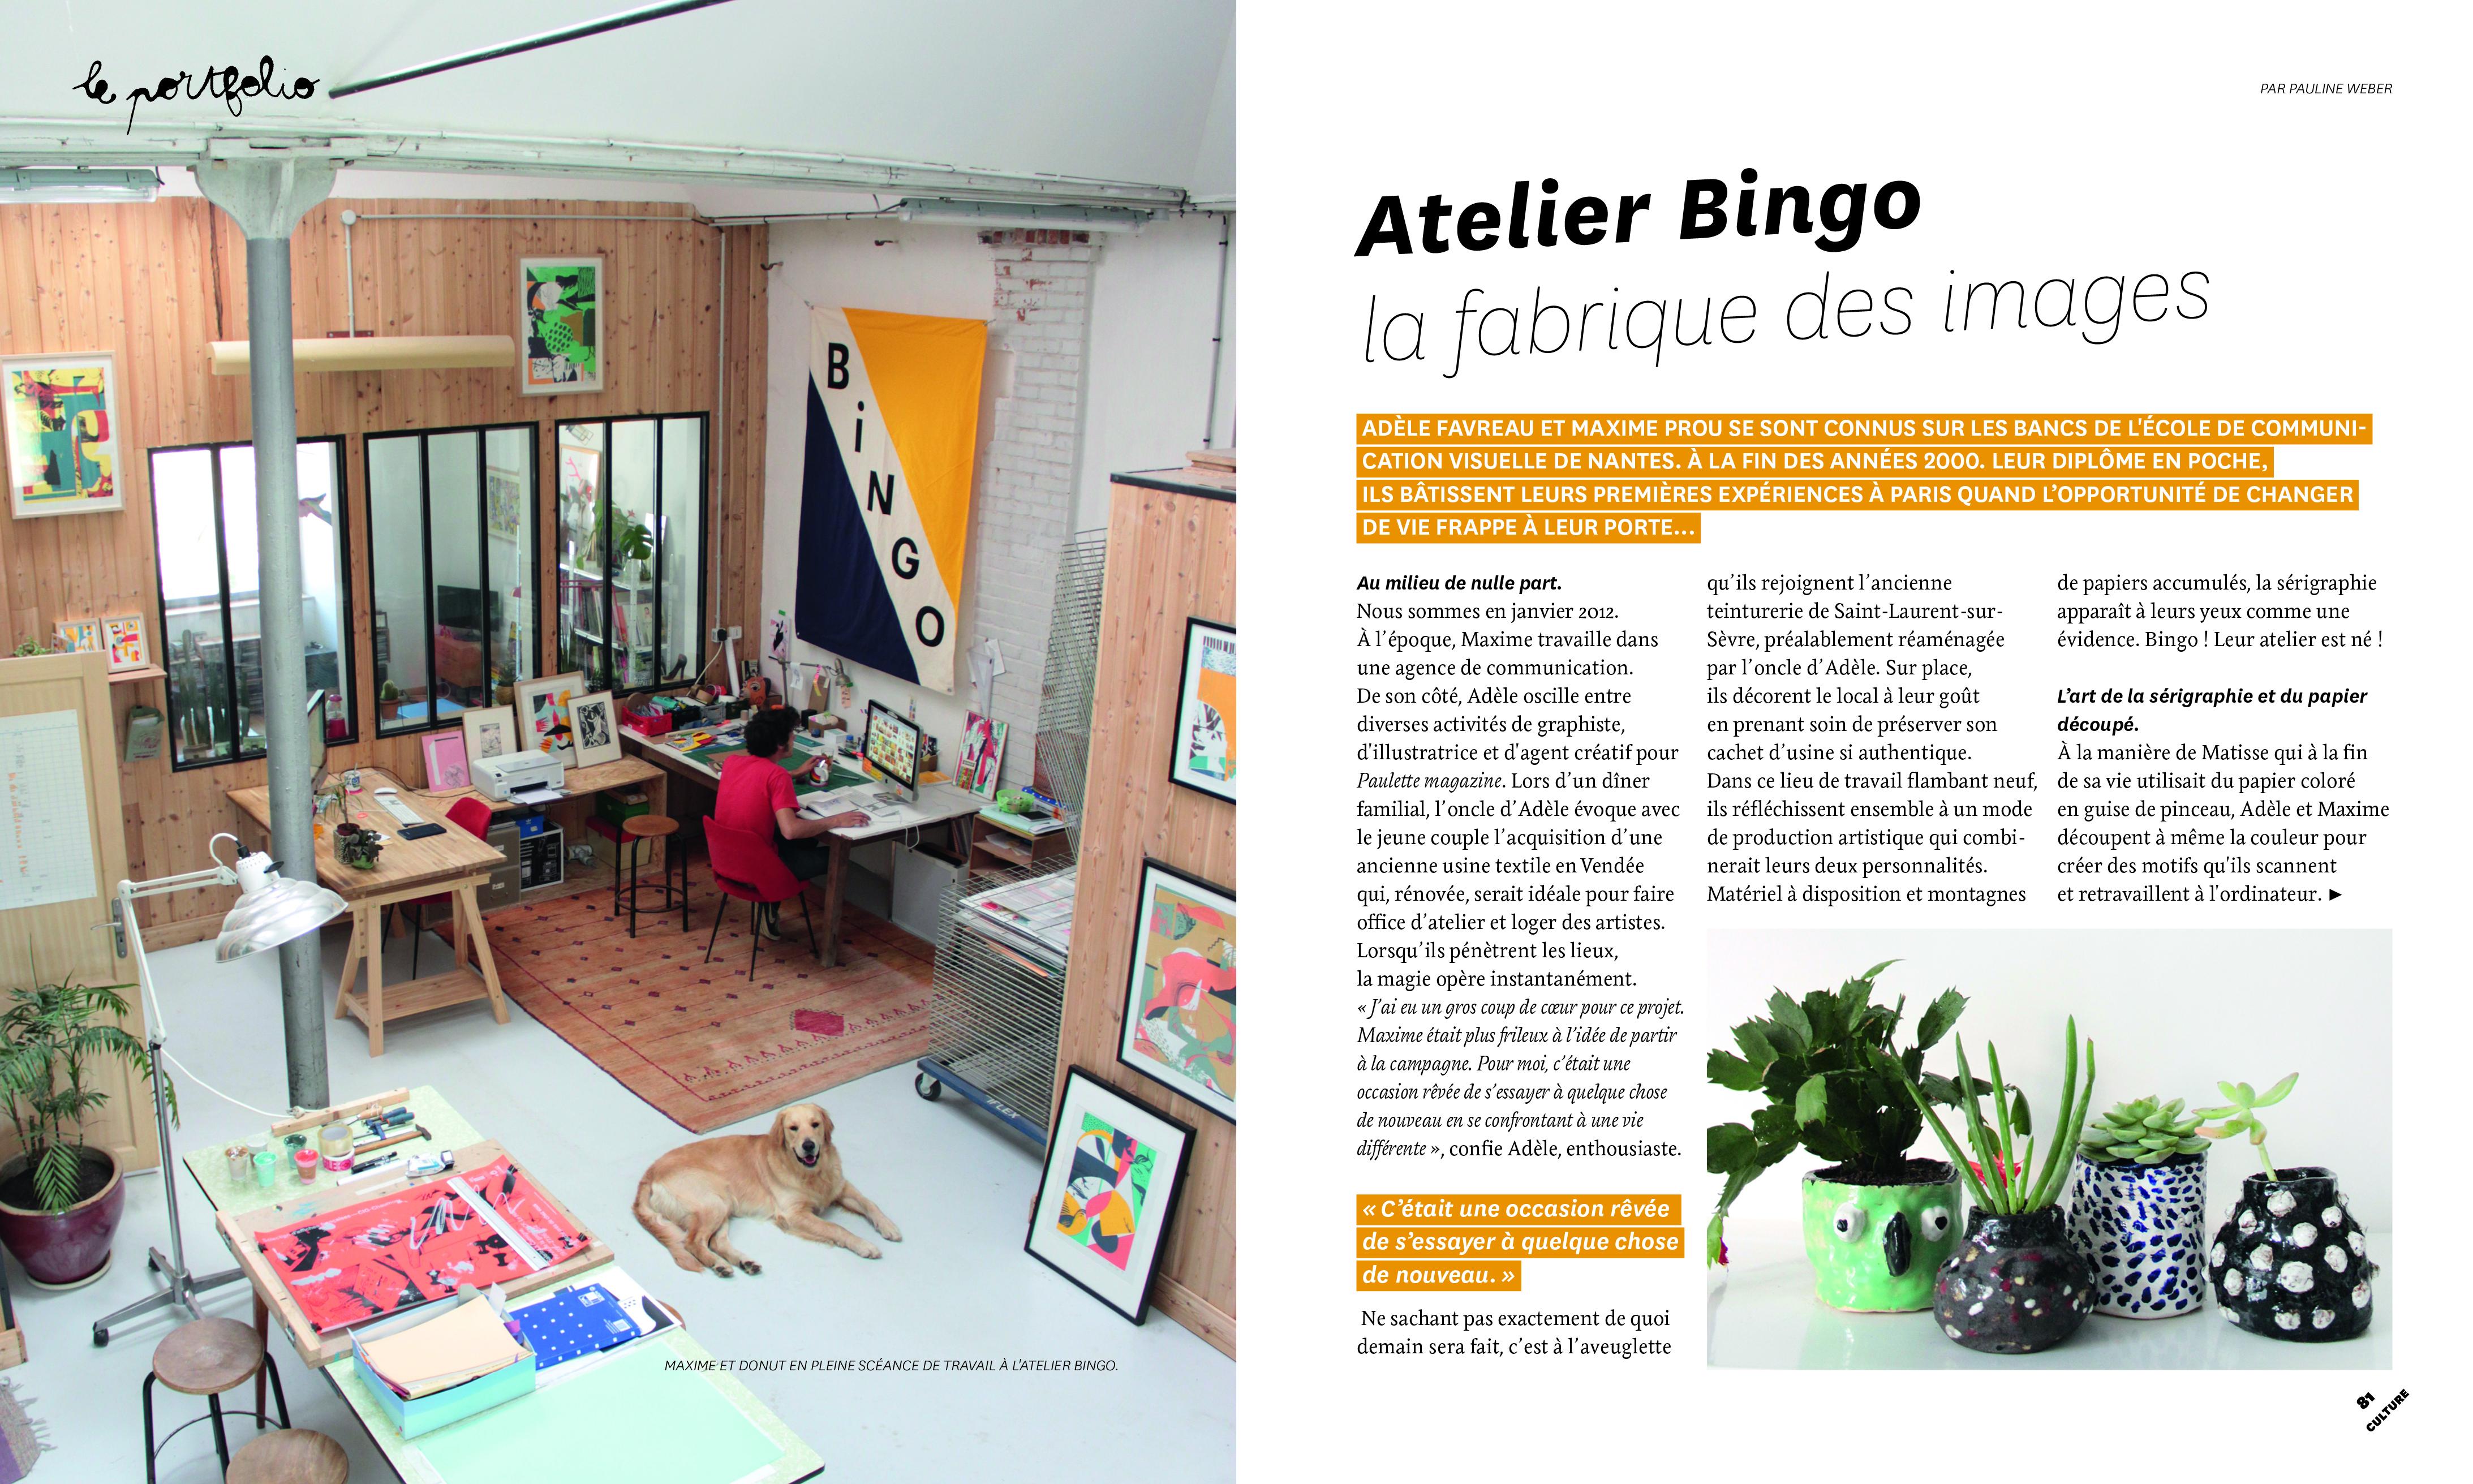 Atelier Bingo La fabrique des images